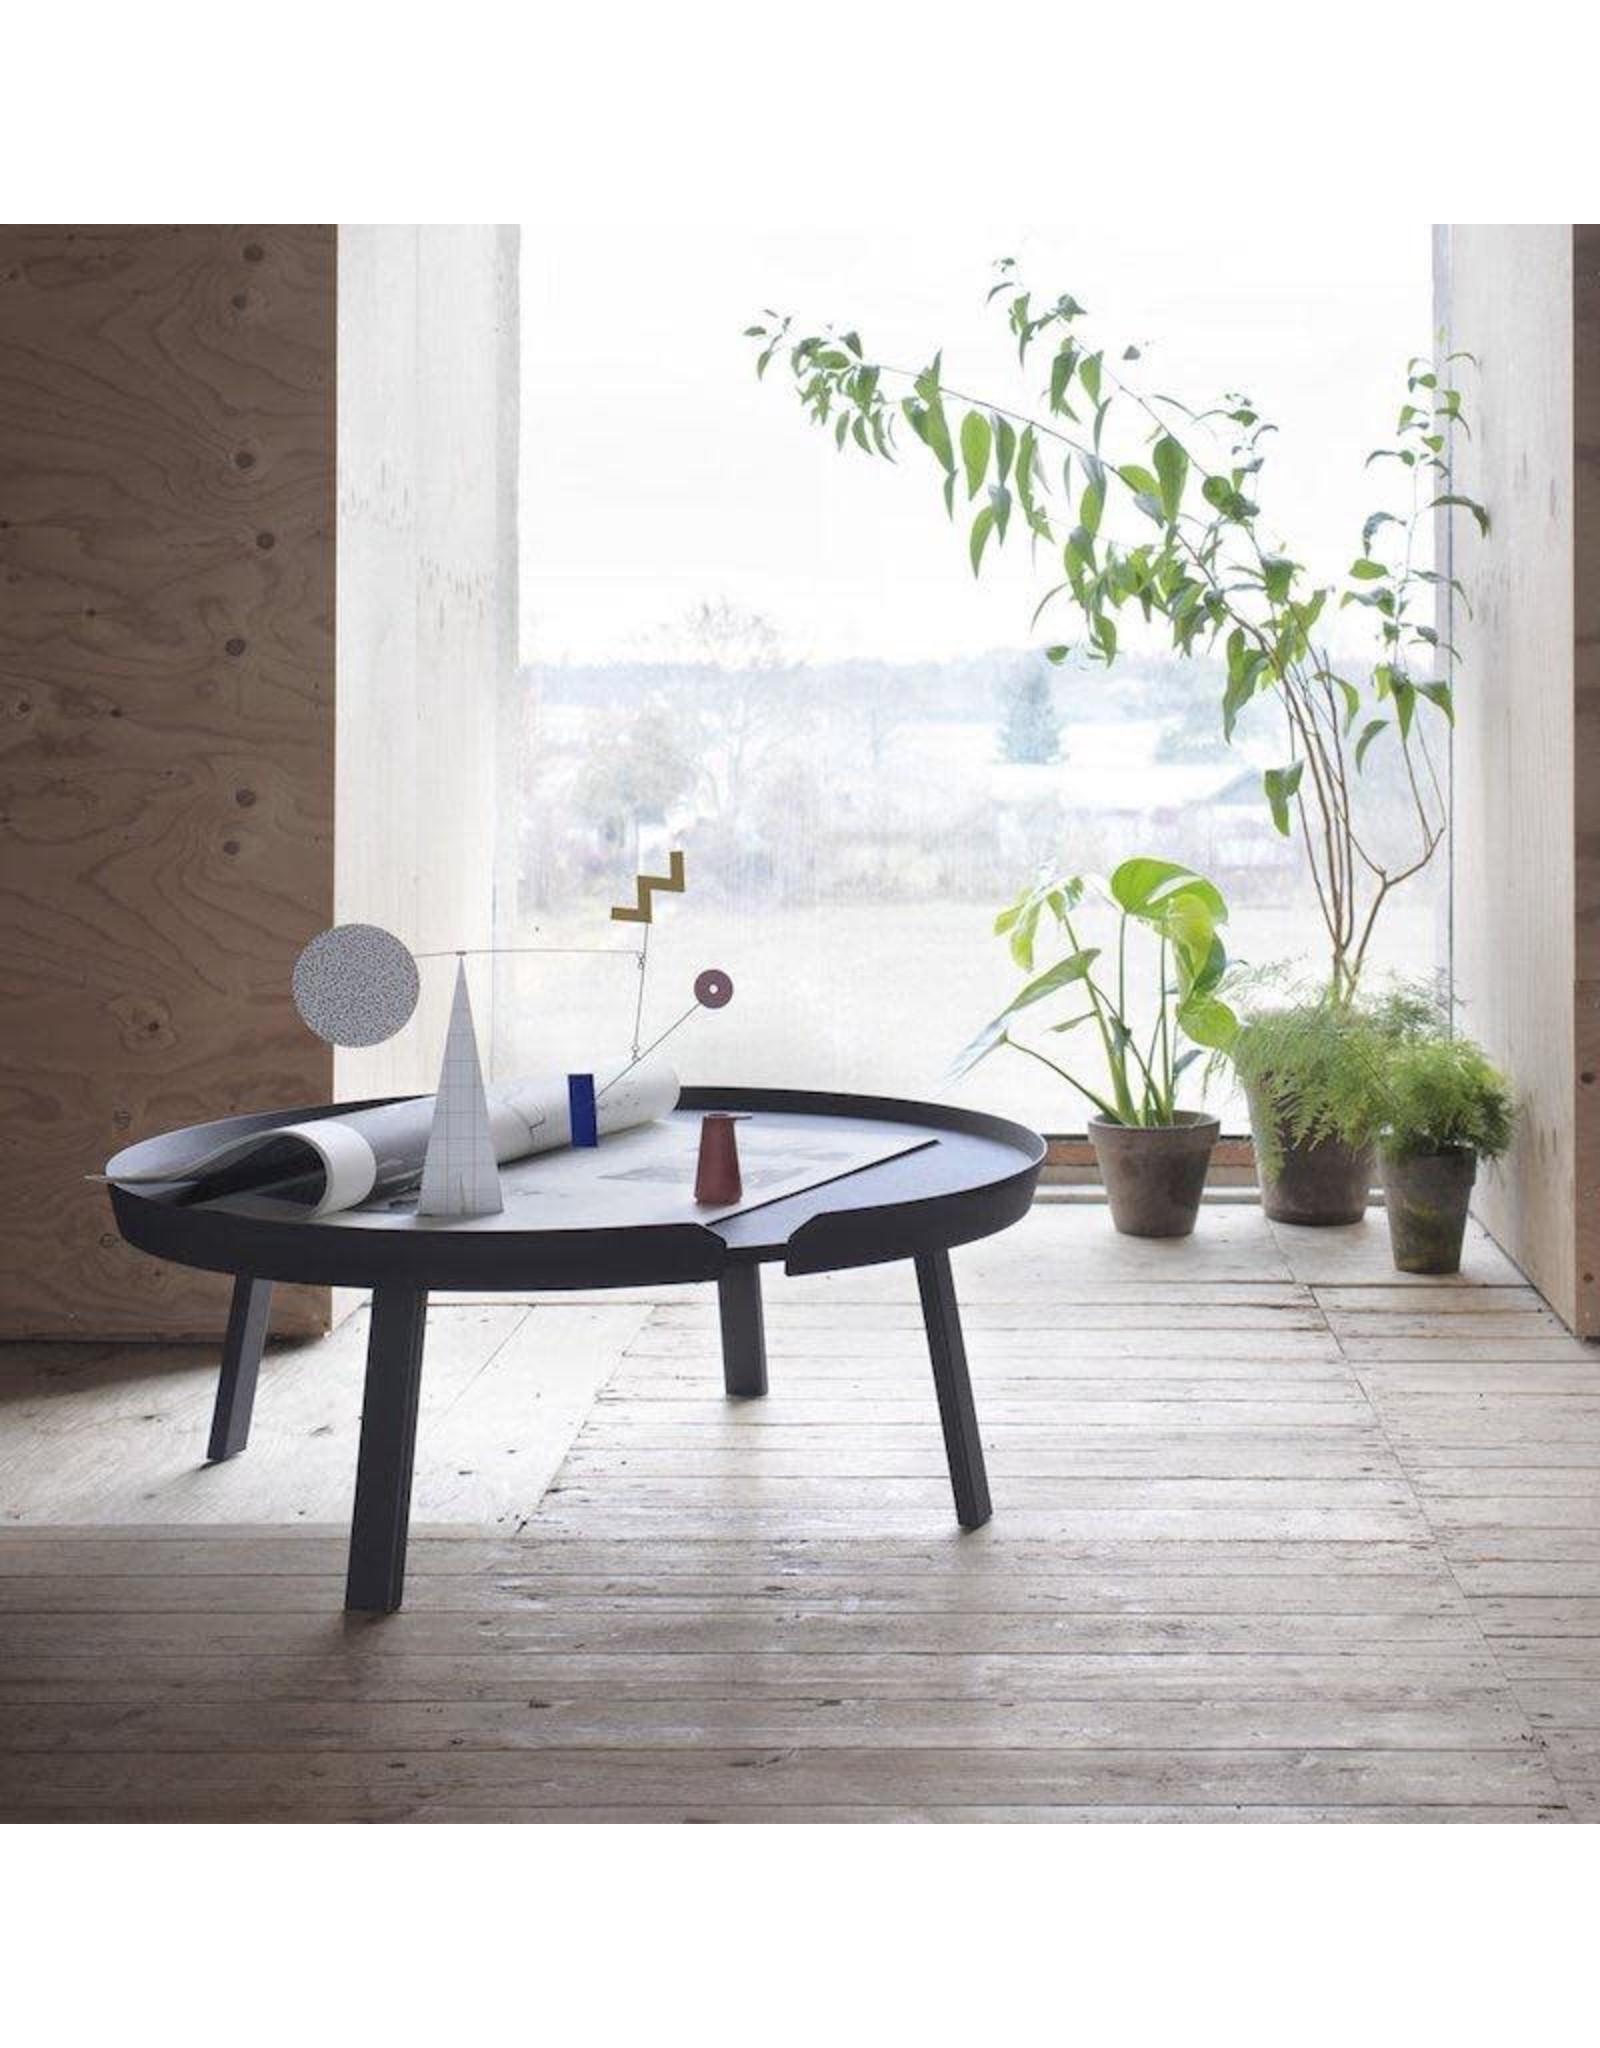 MUUTO AROUND COFFEE TABLE EXTRA LARGE